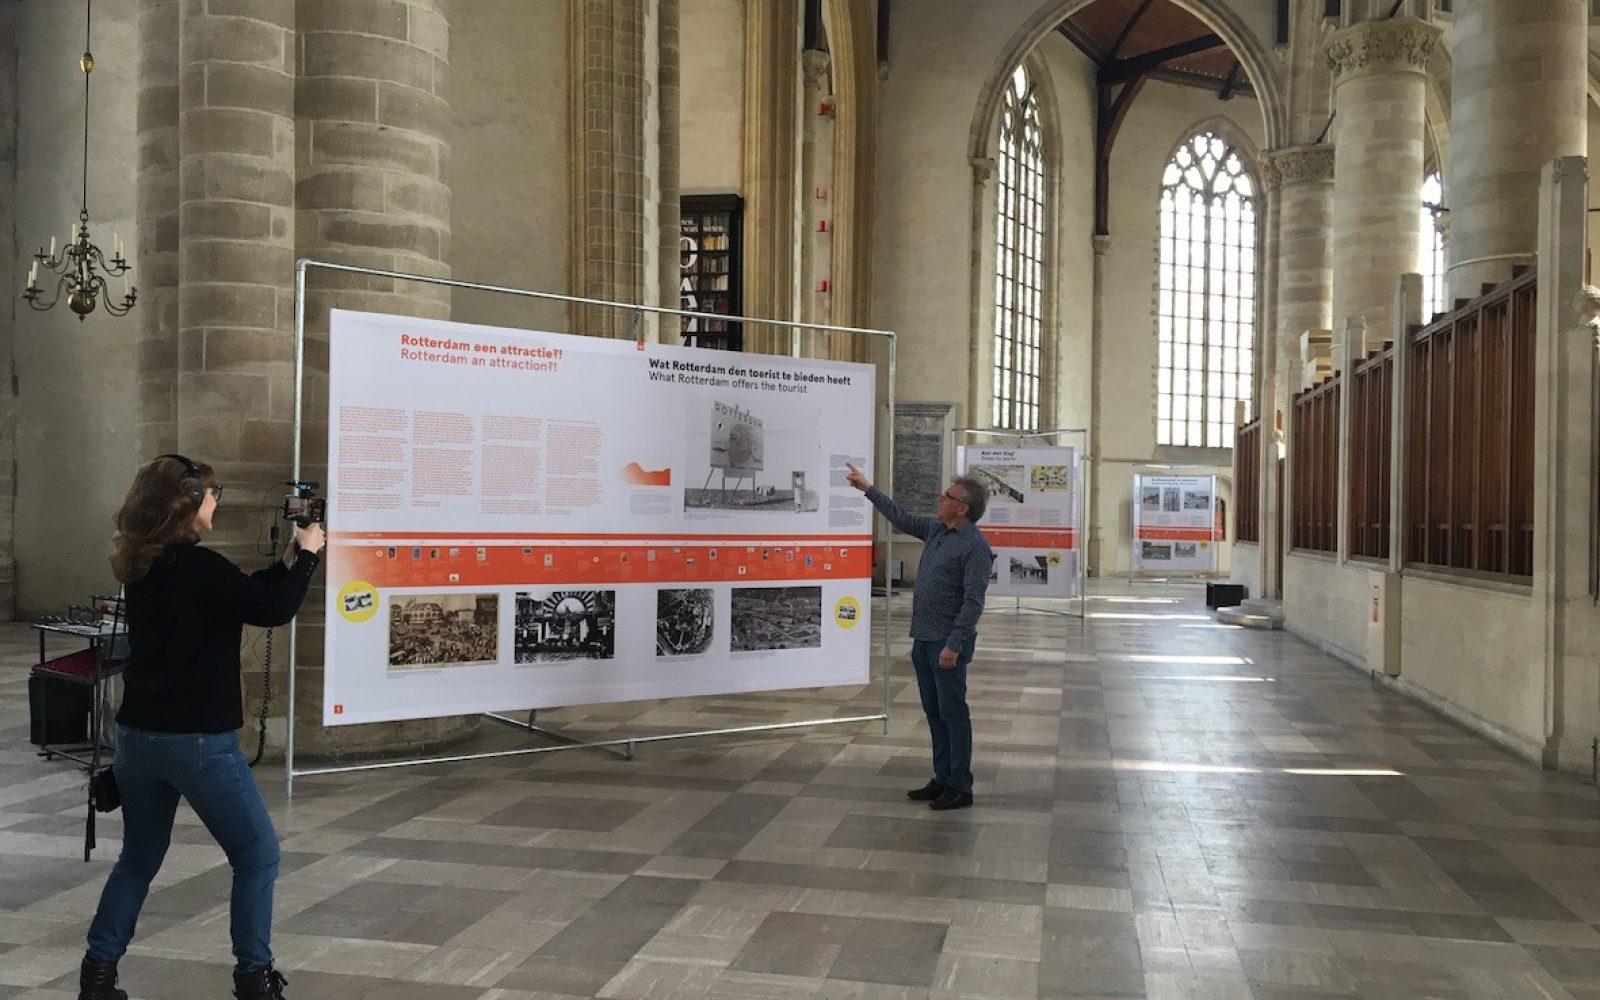 Rotterdam een attractie?! expositie en film